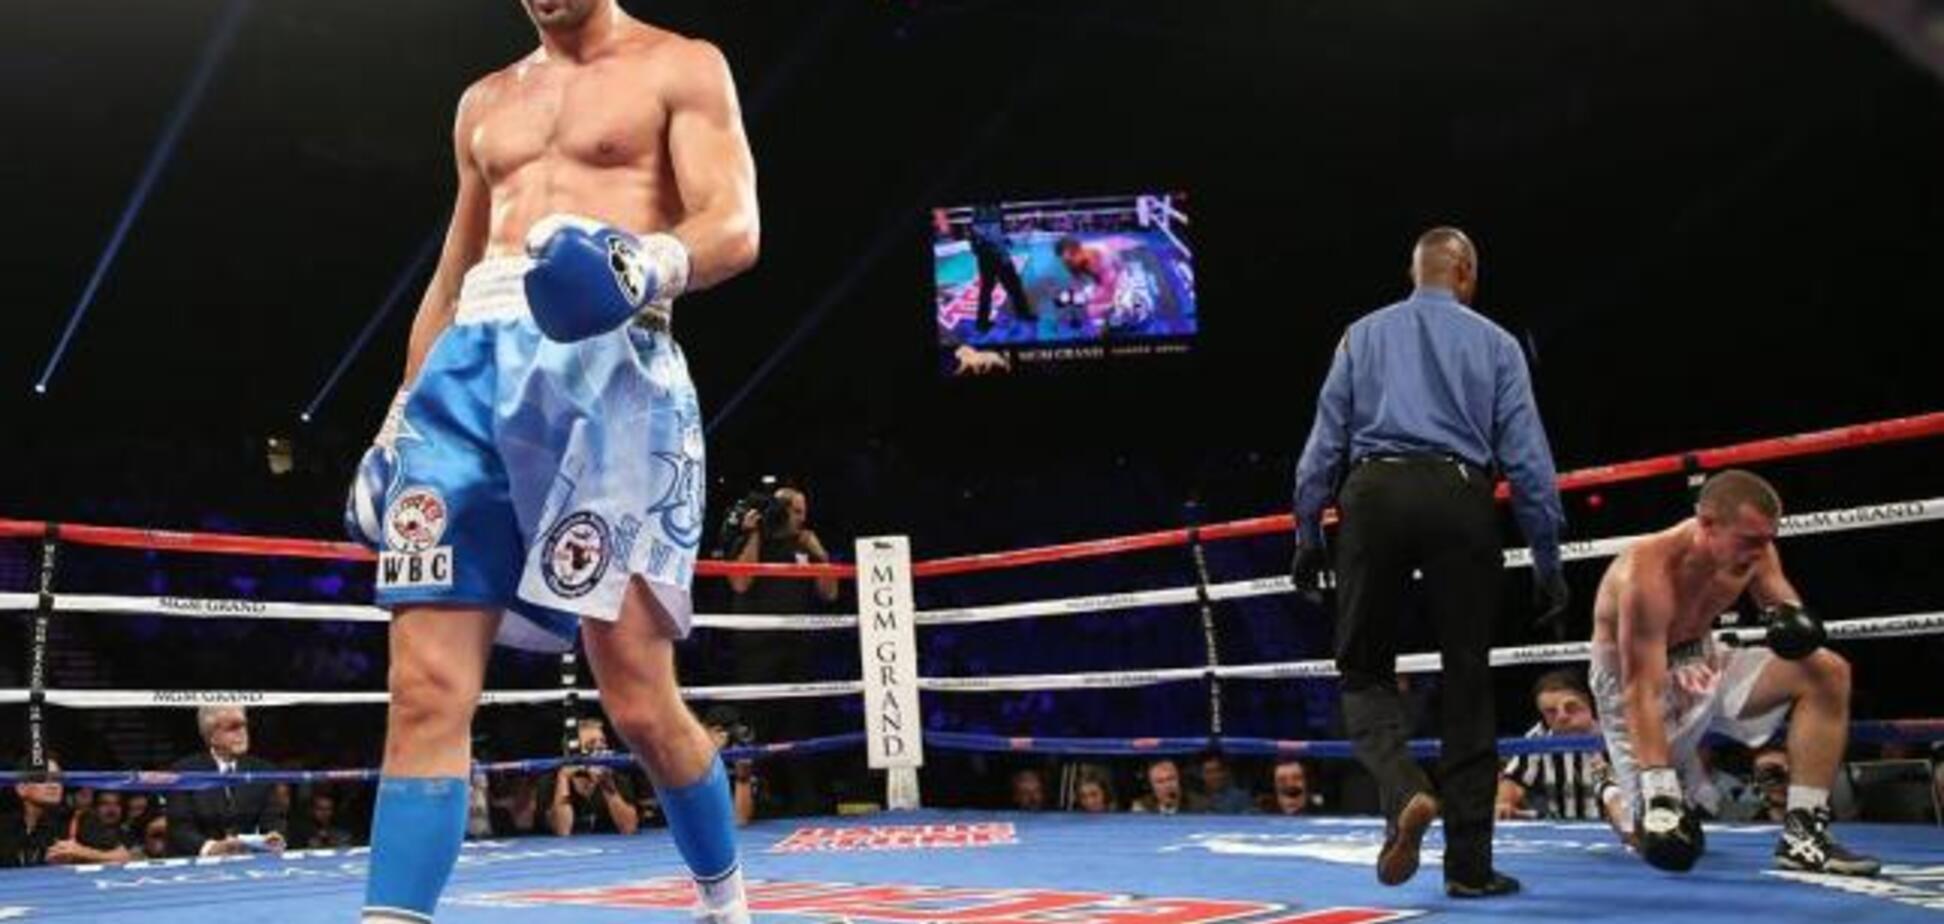 'Важный бой': непобедимый украинец решил драться с чемпионом мира, избившим лучшего боксера России